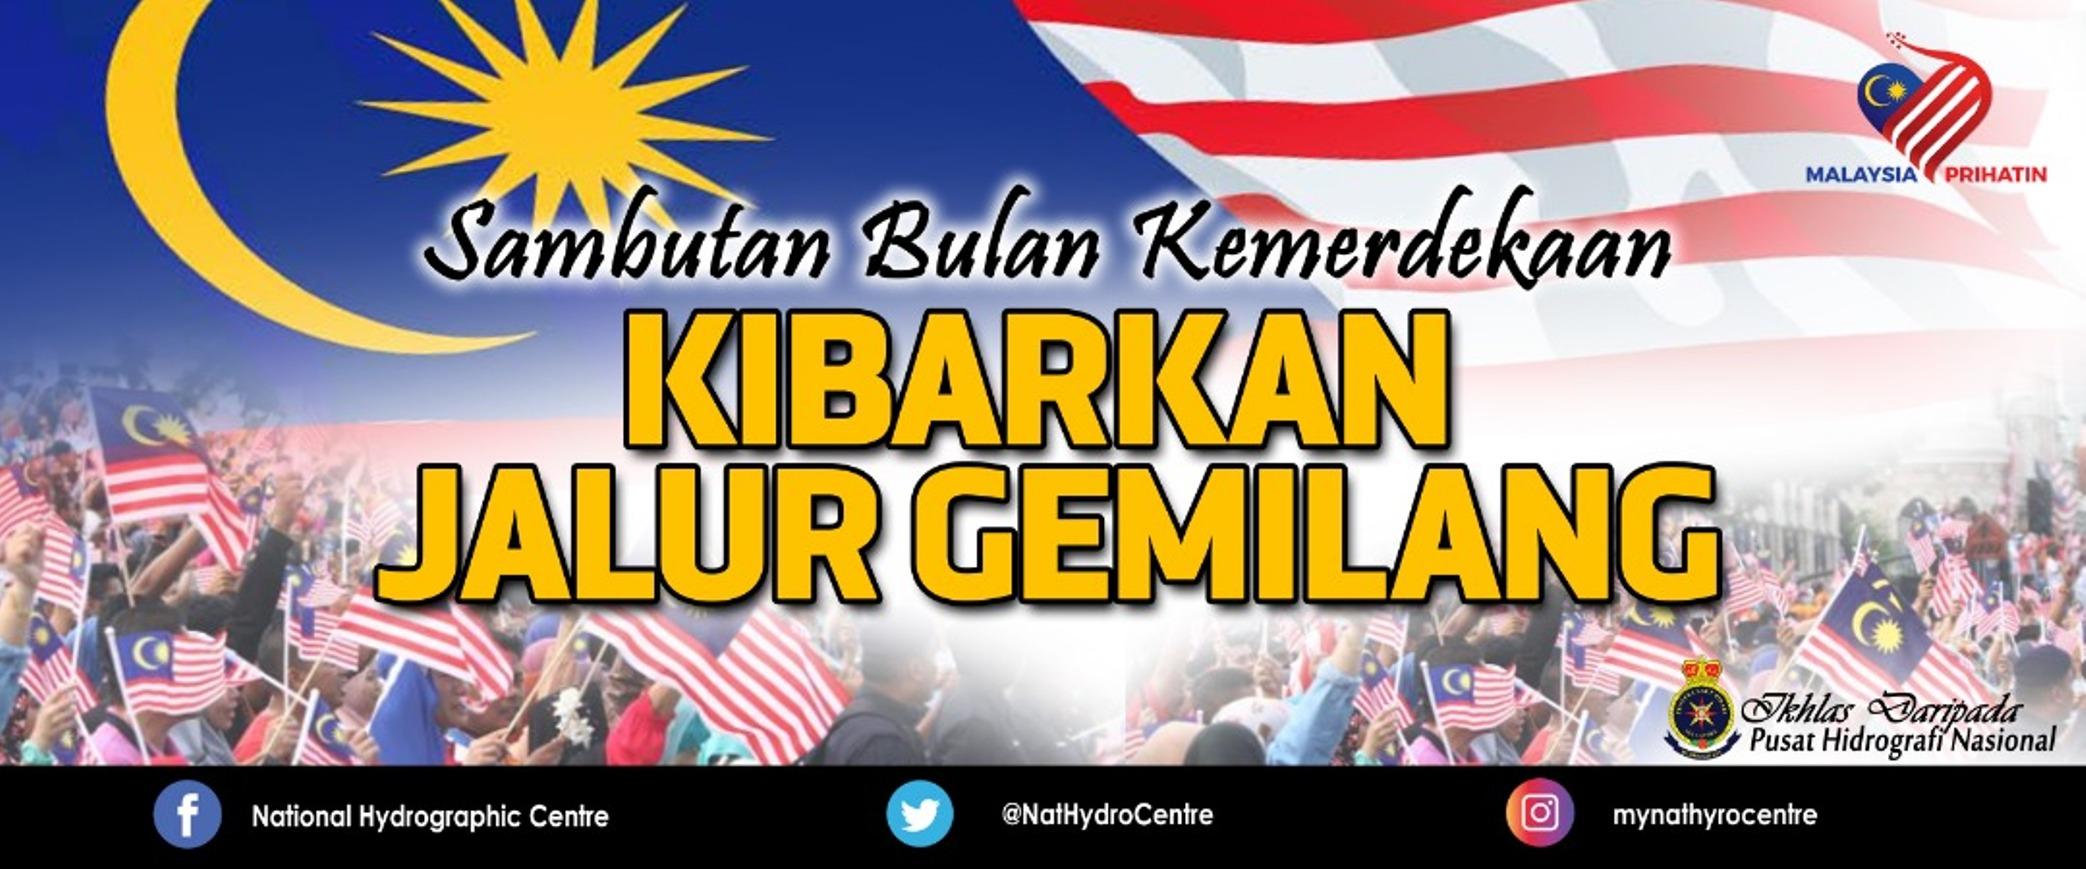 Sambutan Bulan Kemerdekaan Malaysia